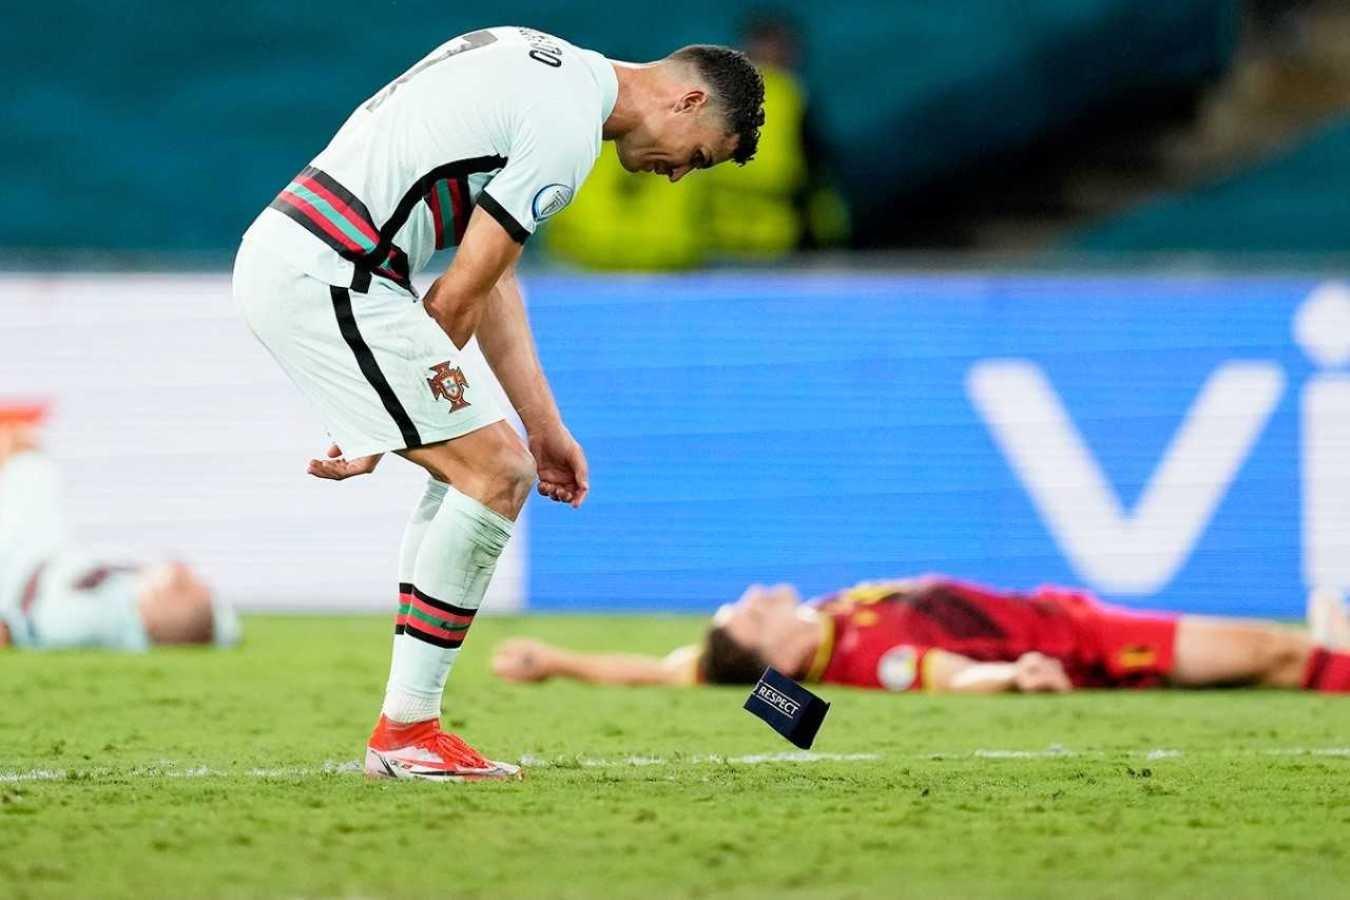 Роналду бросил капитанскую повязку после поражения Португалии в матче с Бельгией